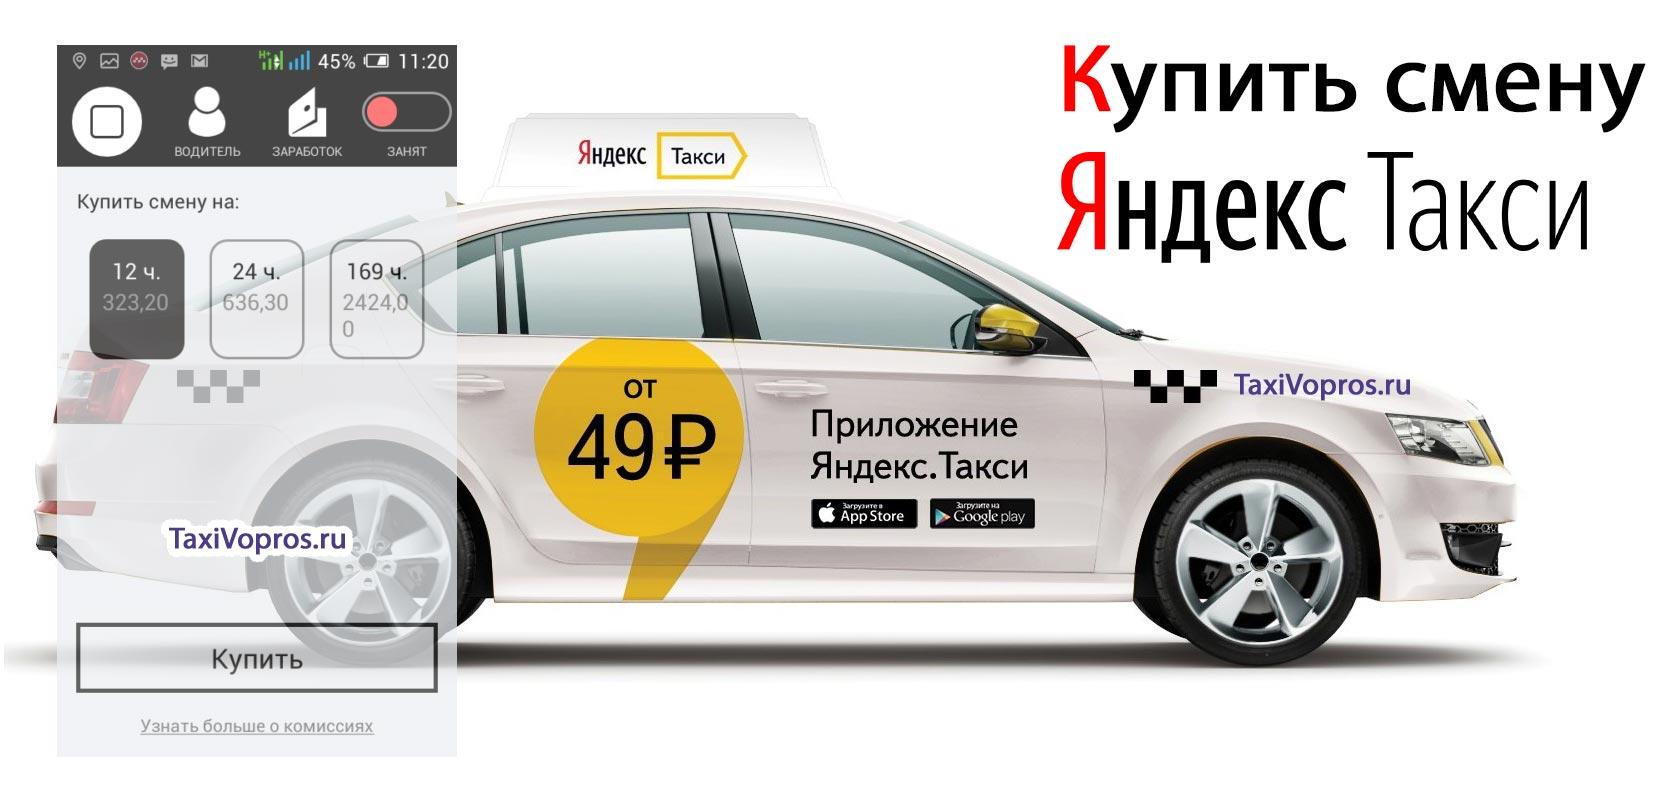 Покупка смены в яндекс такси